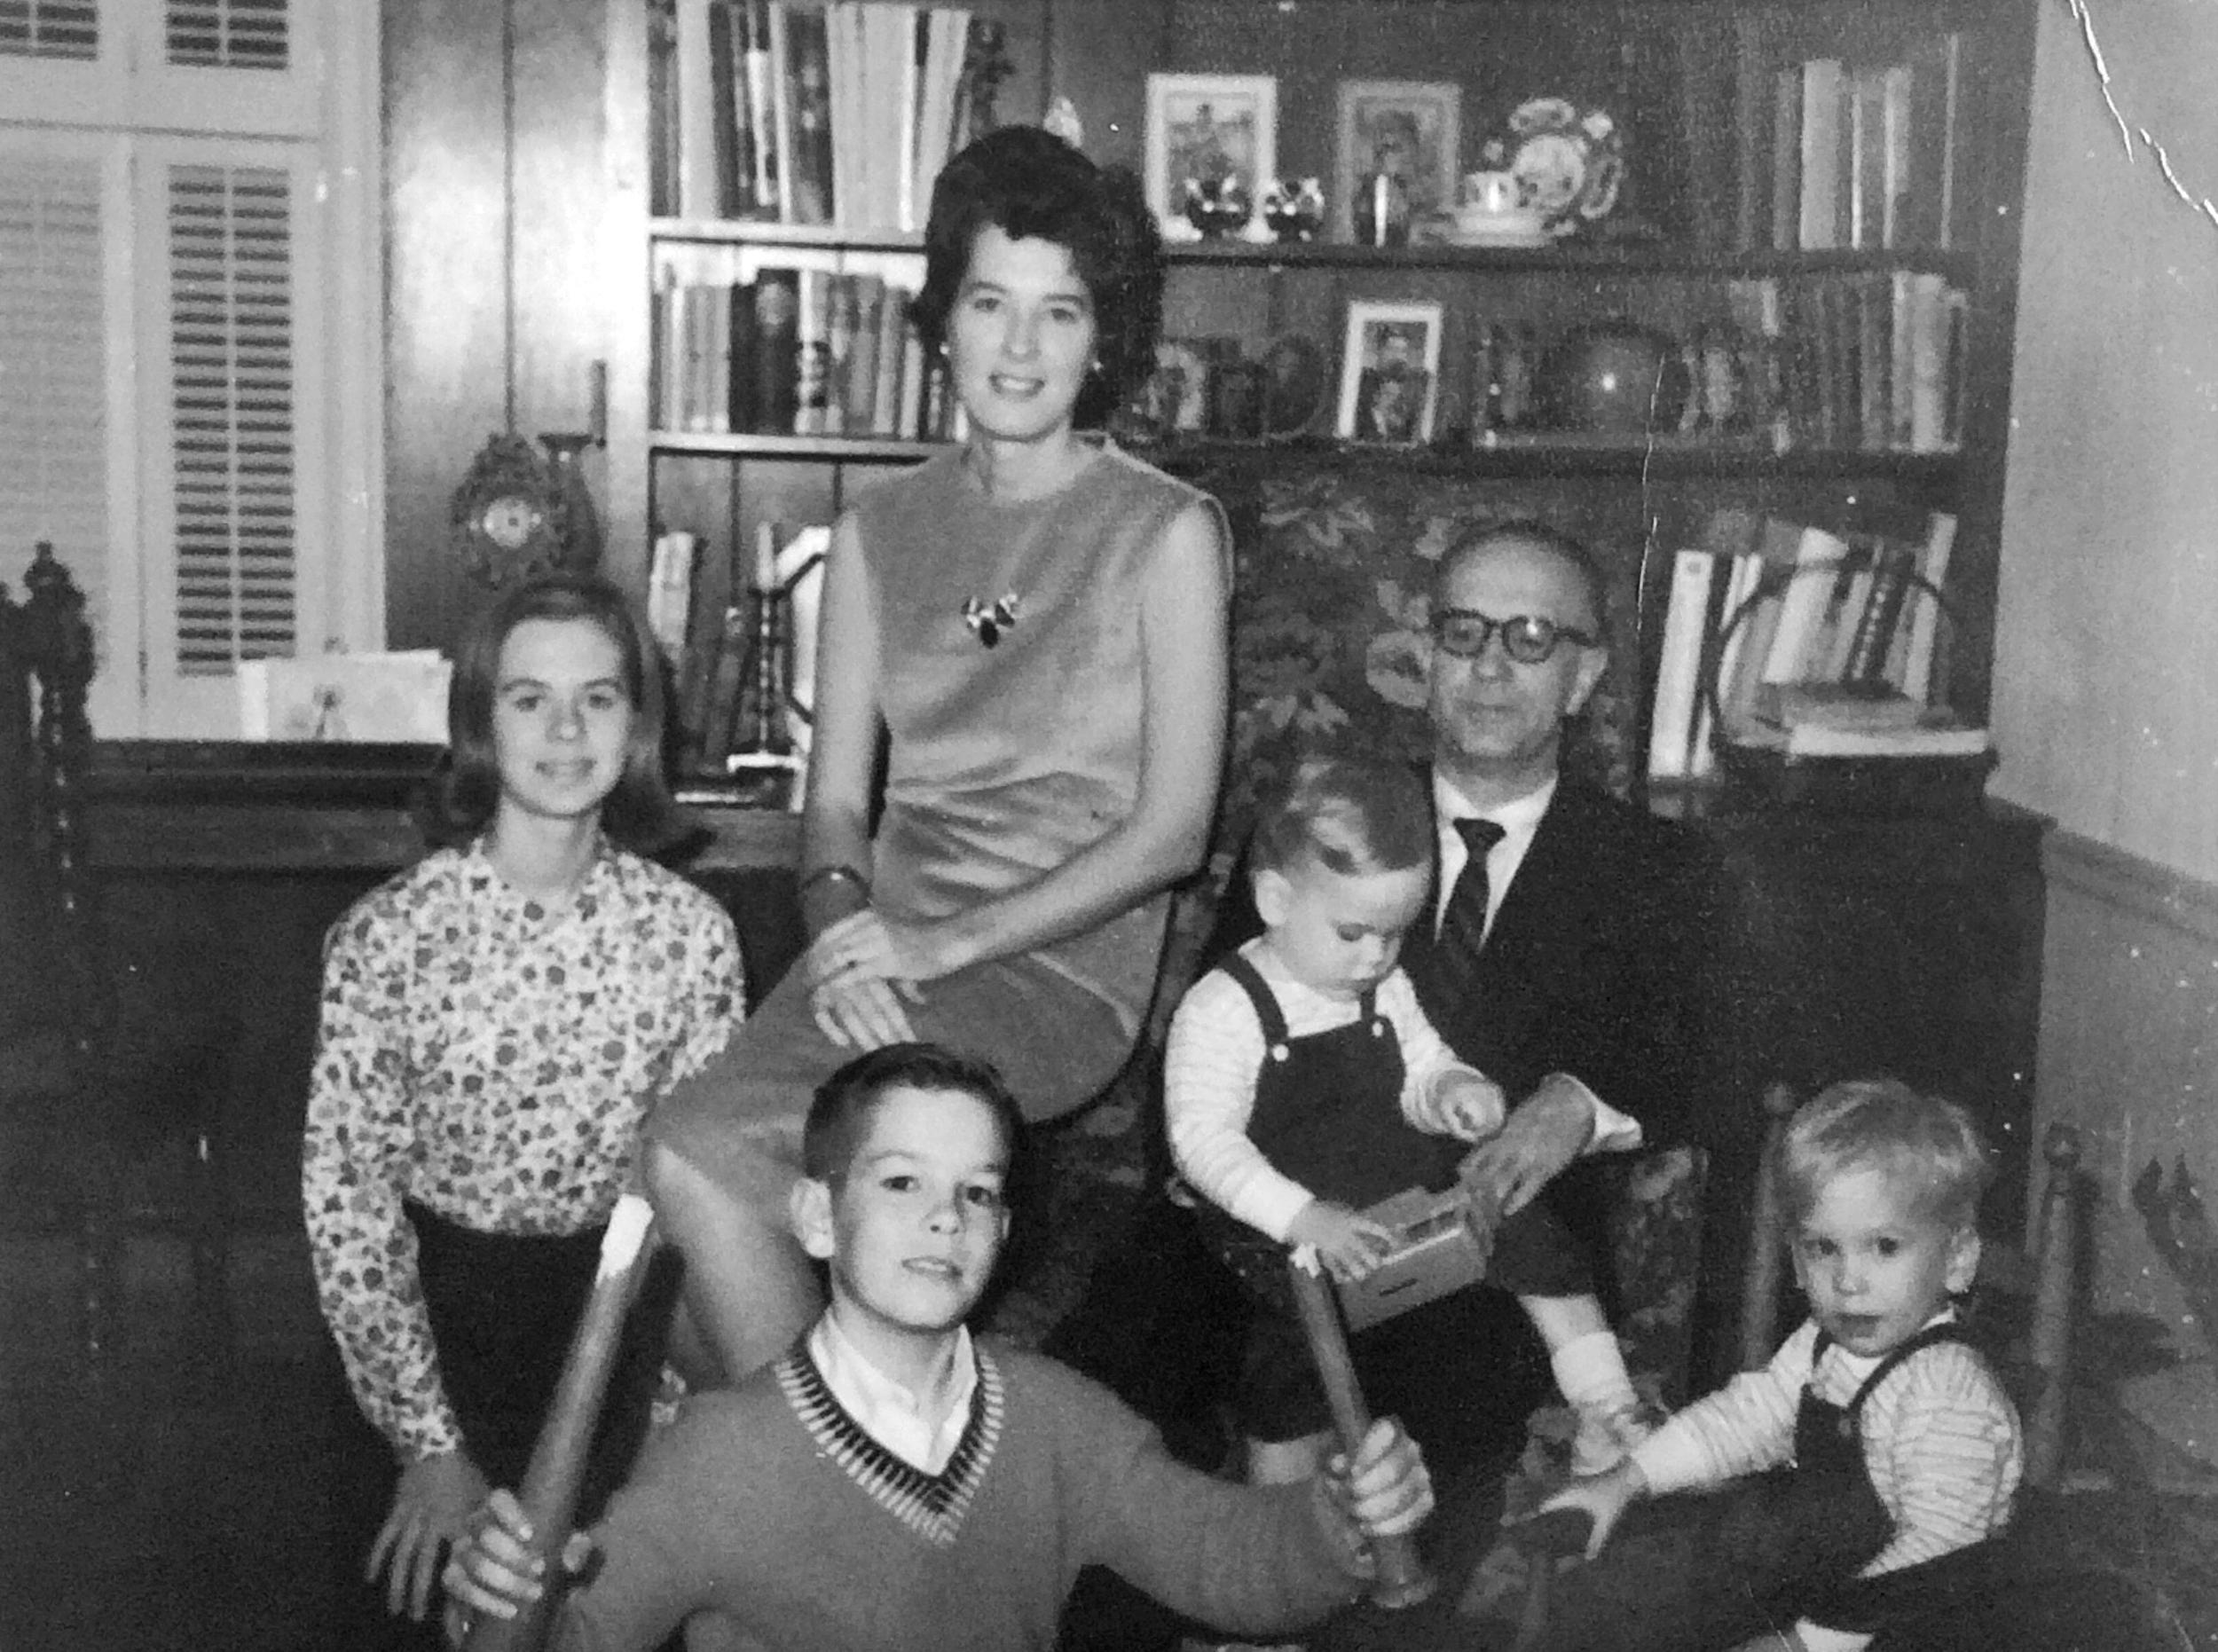 My family in 1963